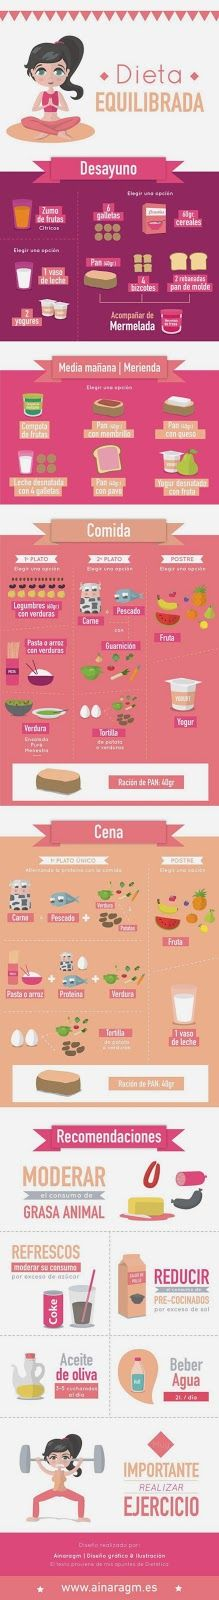 Aquí les dejo una infografía con consejos para una dieta equilibrada.        Fuente: Ainaragm